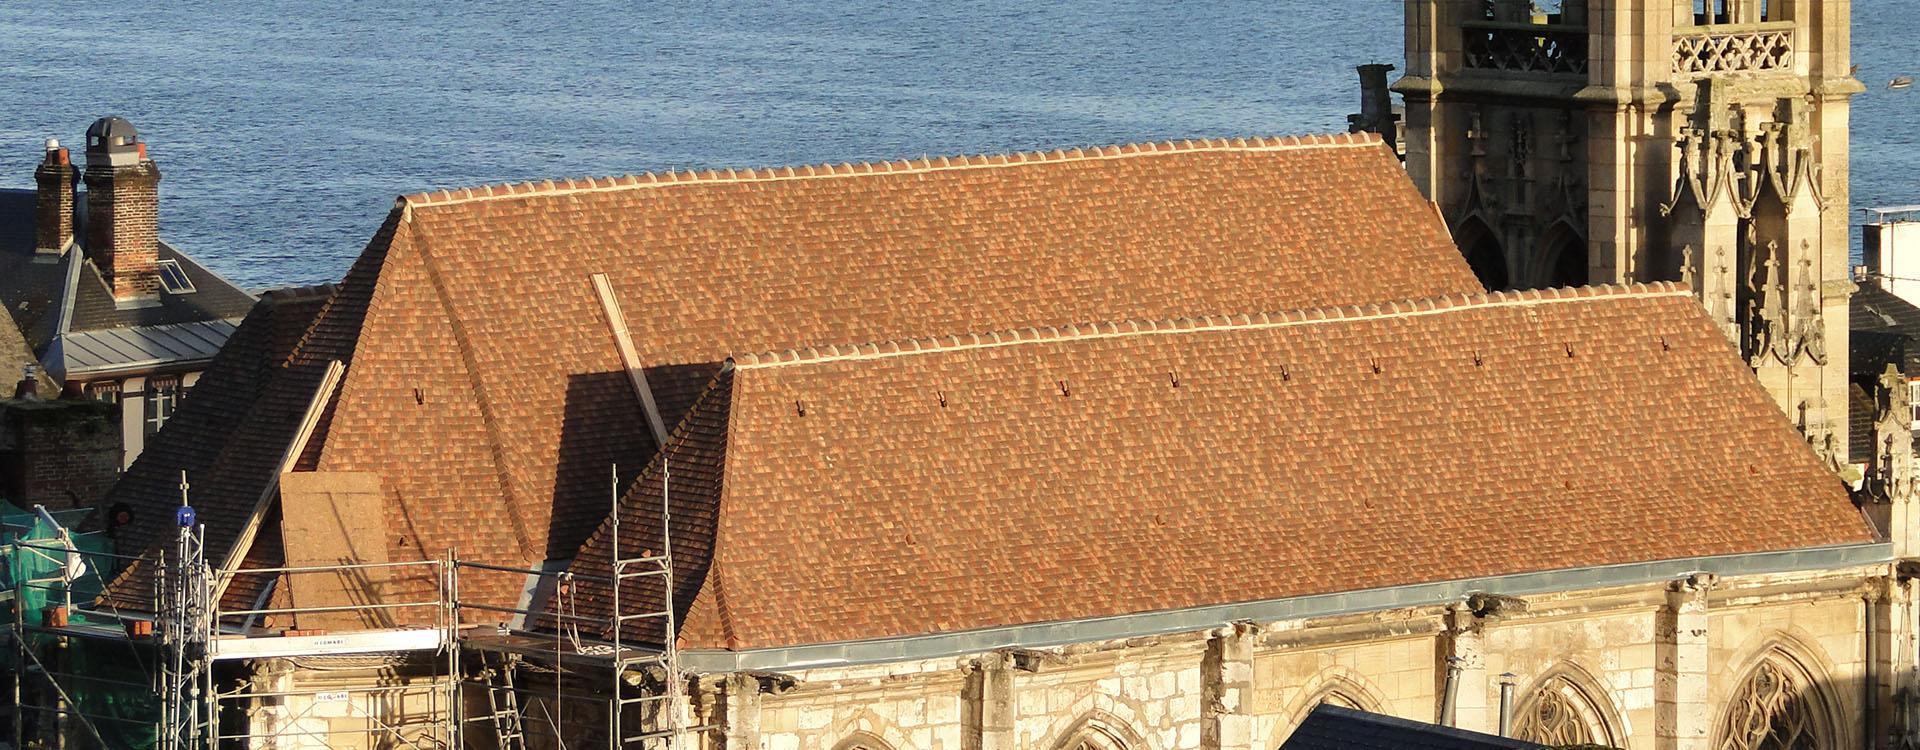 Entreprise Auzanne couvreur toiture et ramonage Rouen Le Havre